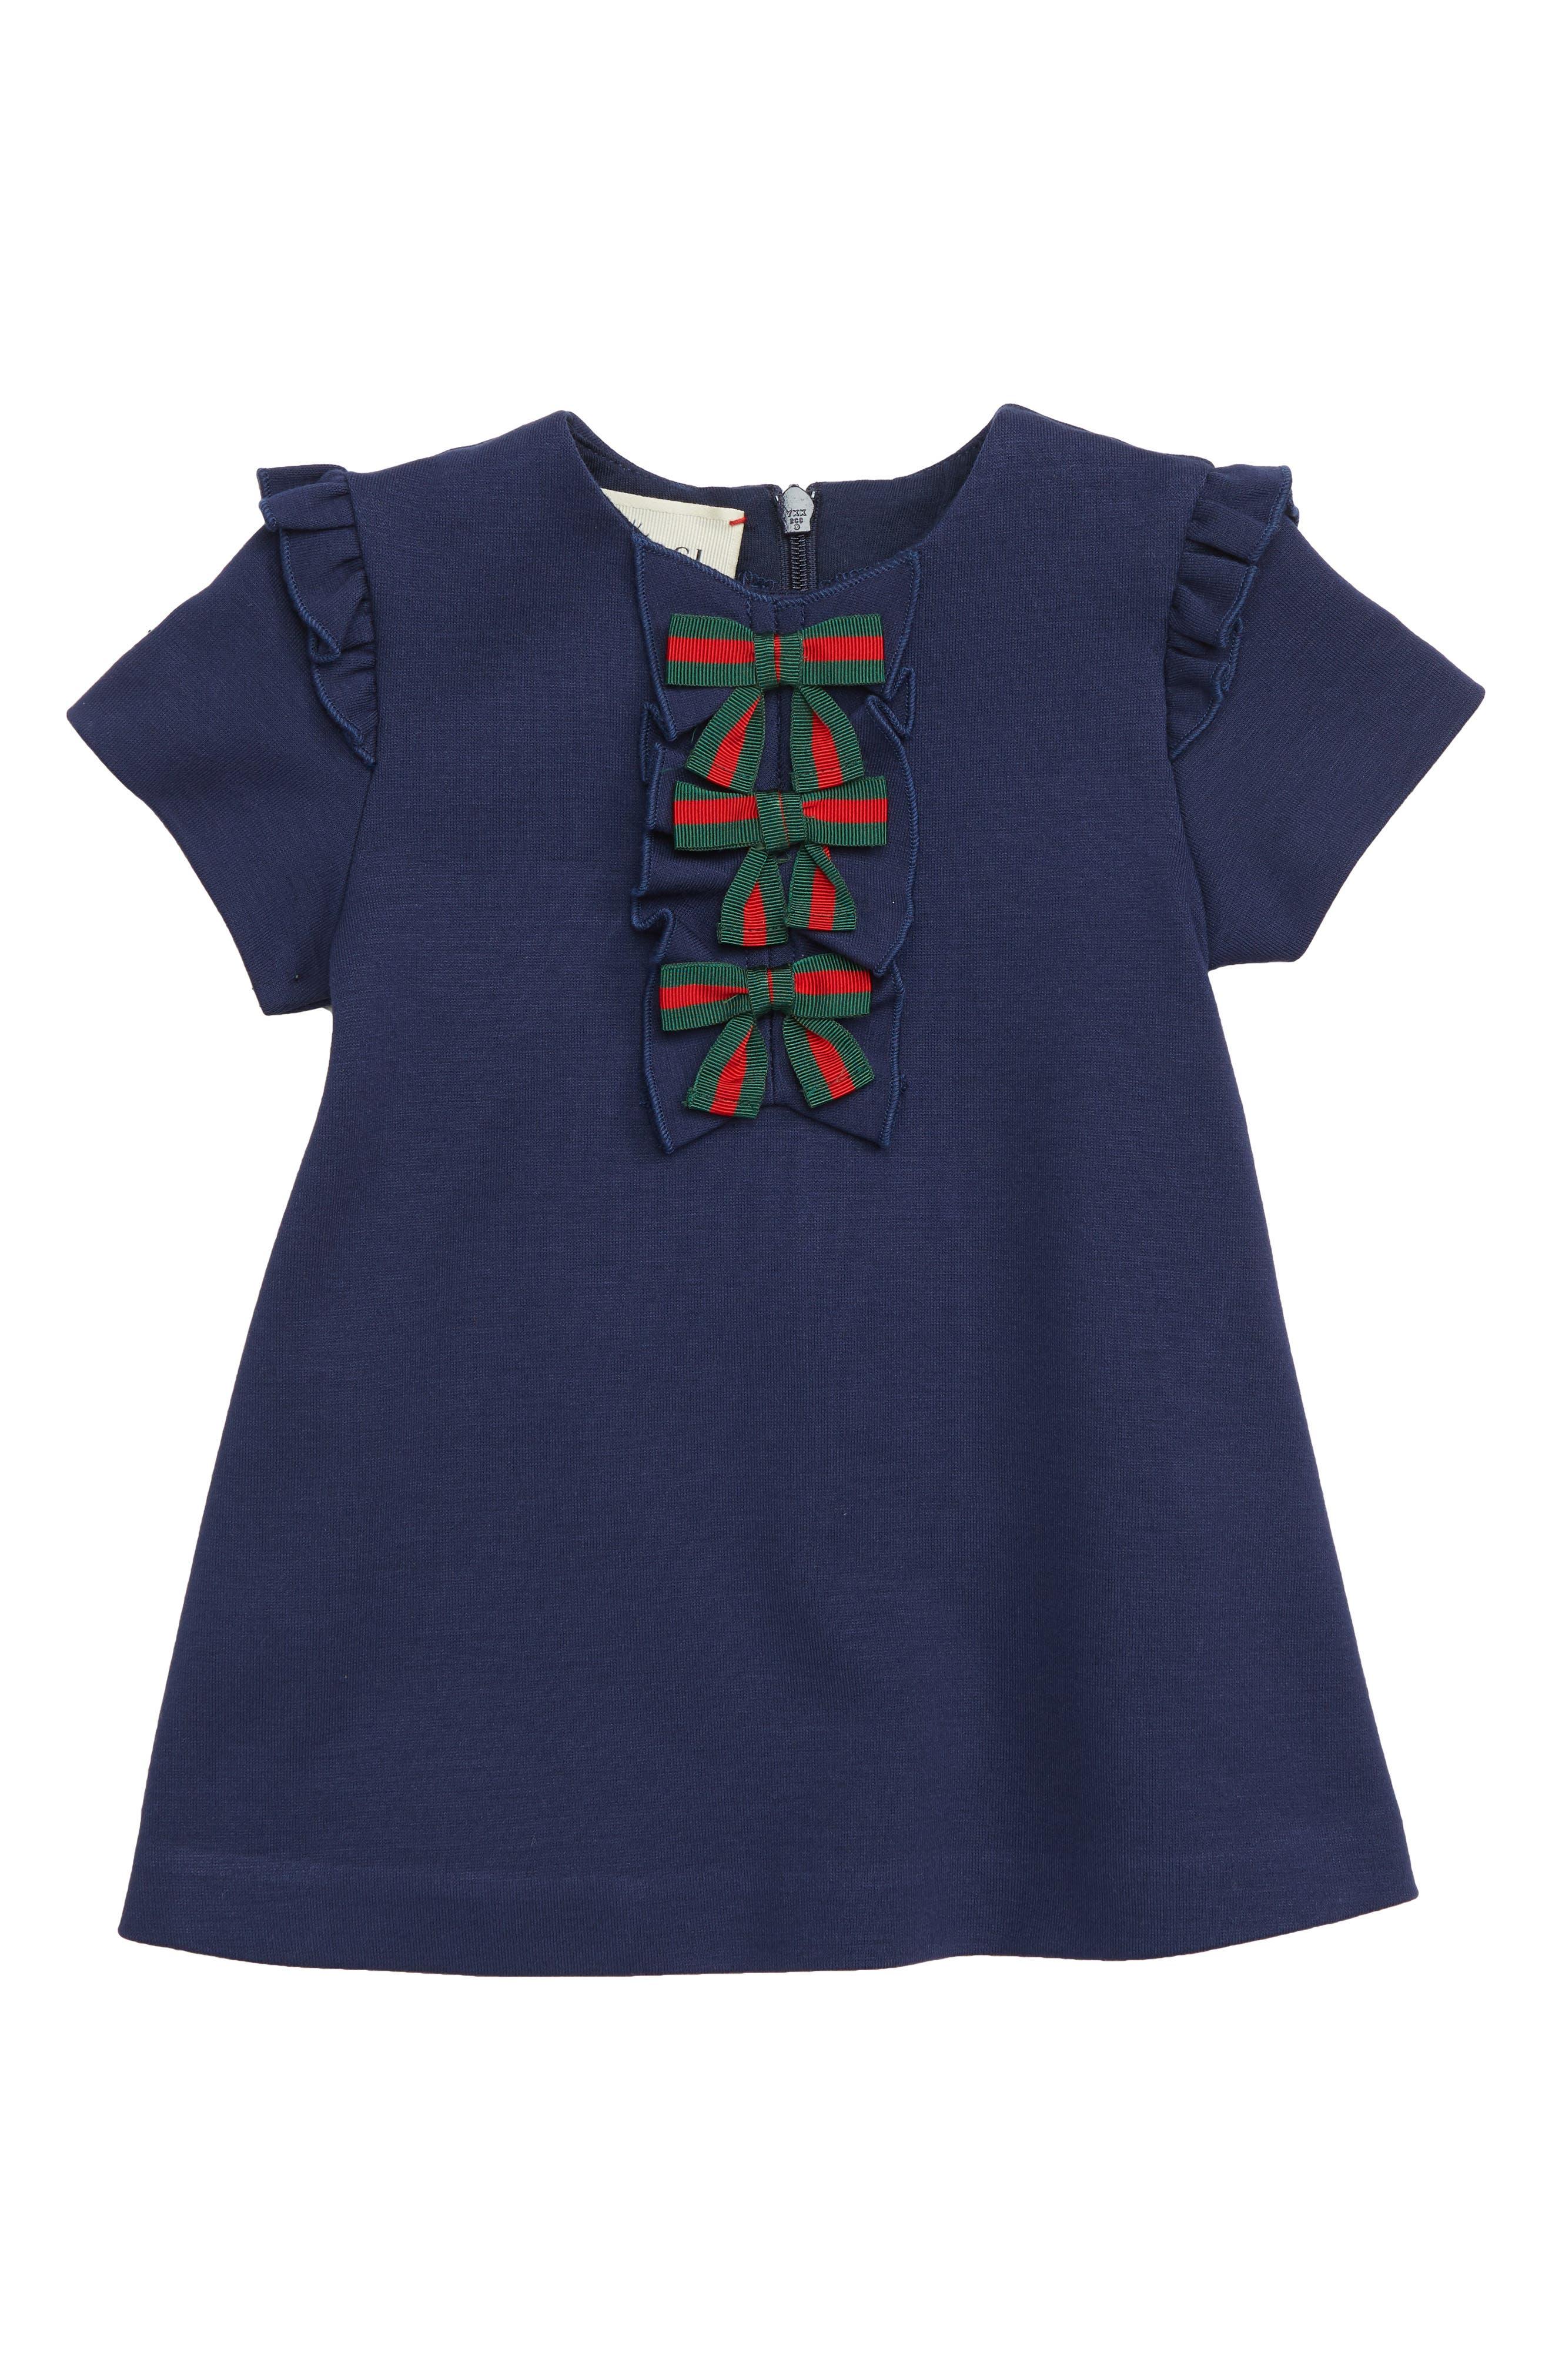 Ruffle & Bow Dress,                             Main thumbnail 1, color,                             COBALTO/ GREEN/ RED